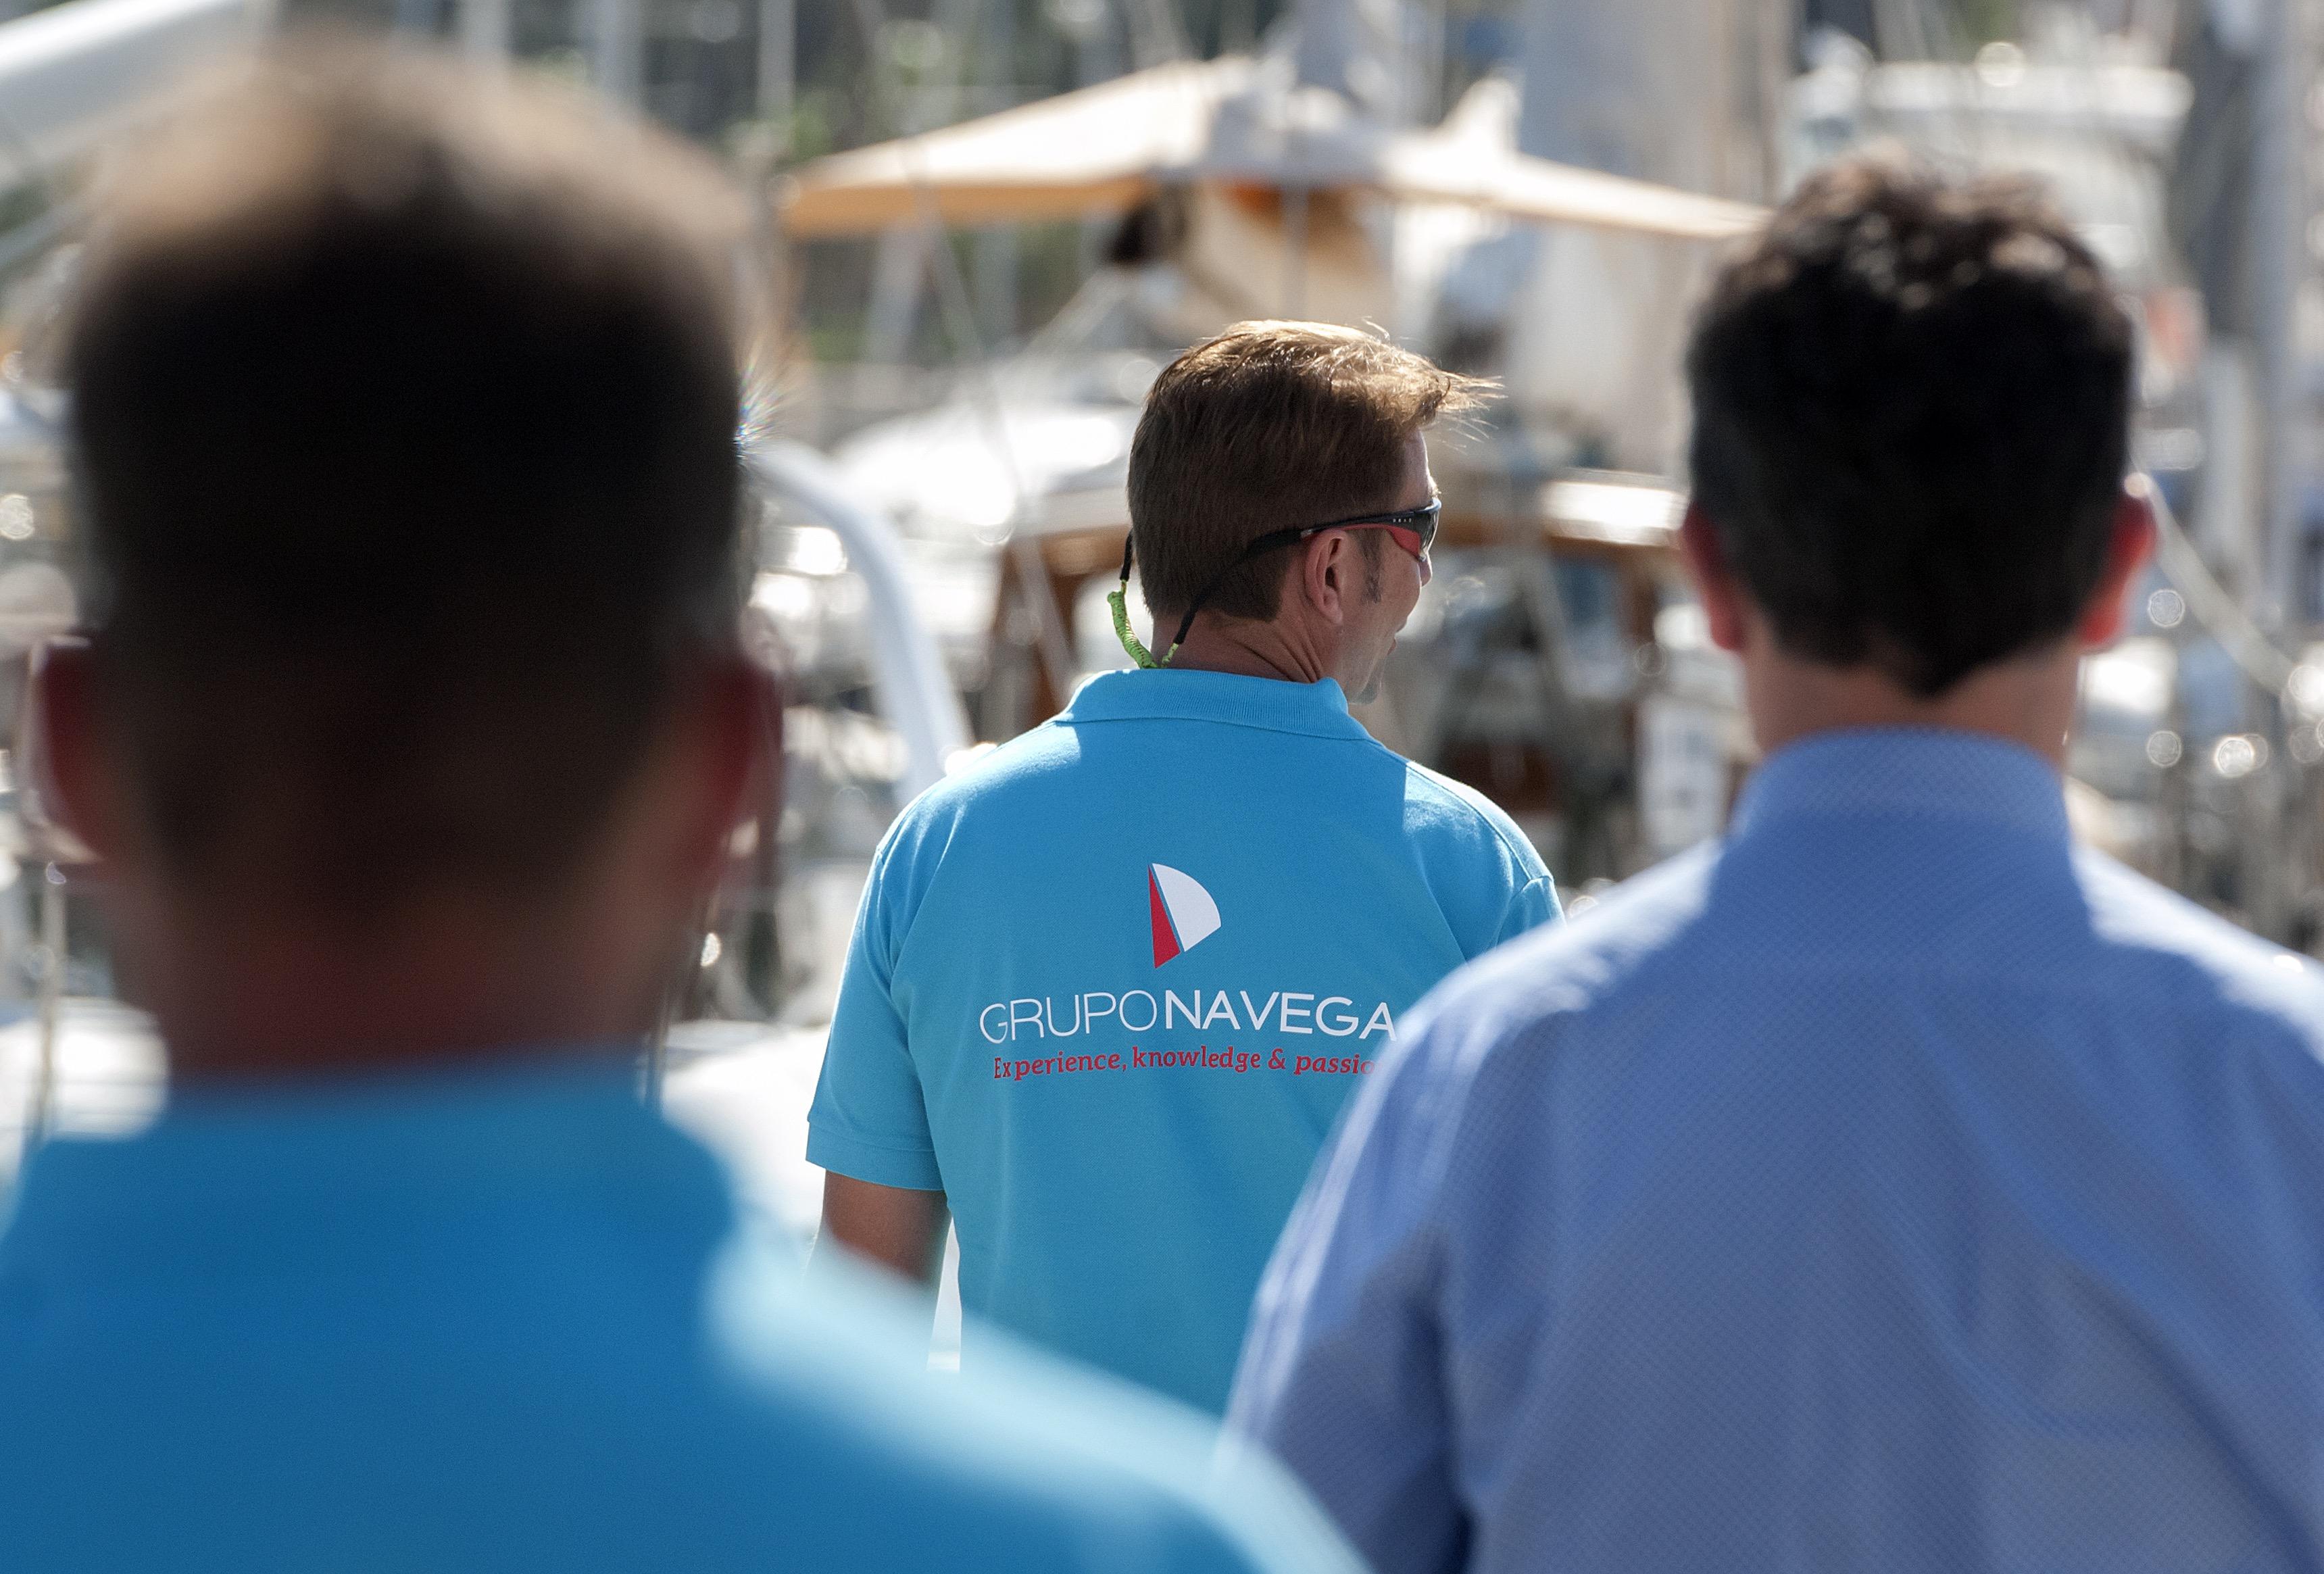 Eventos en barco en Barcelona para grupos 2